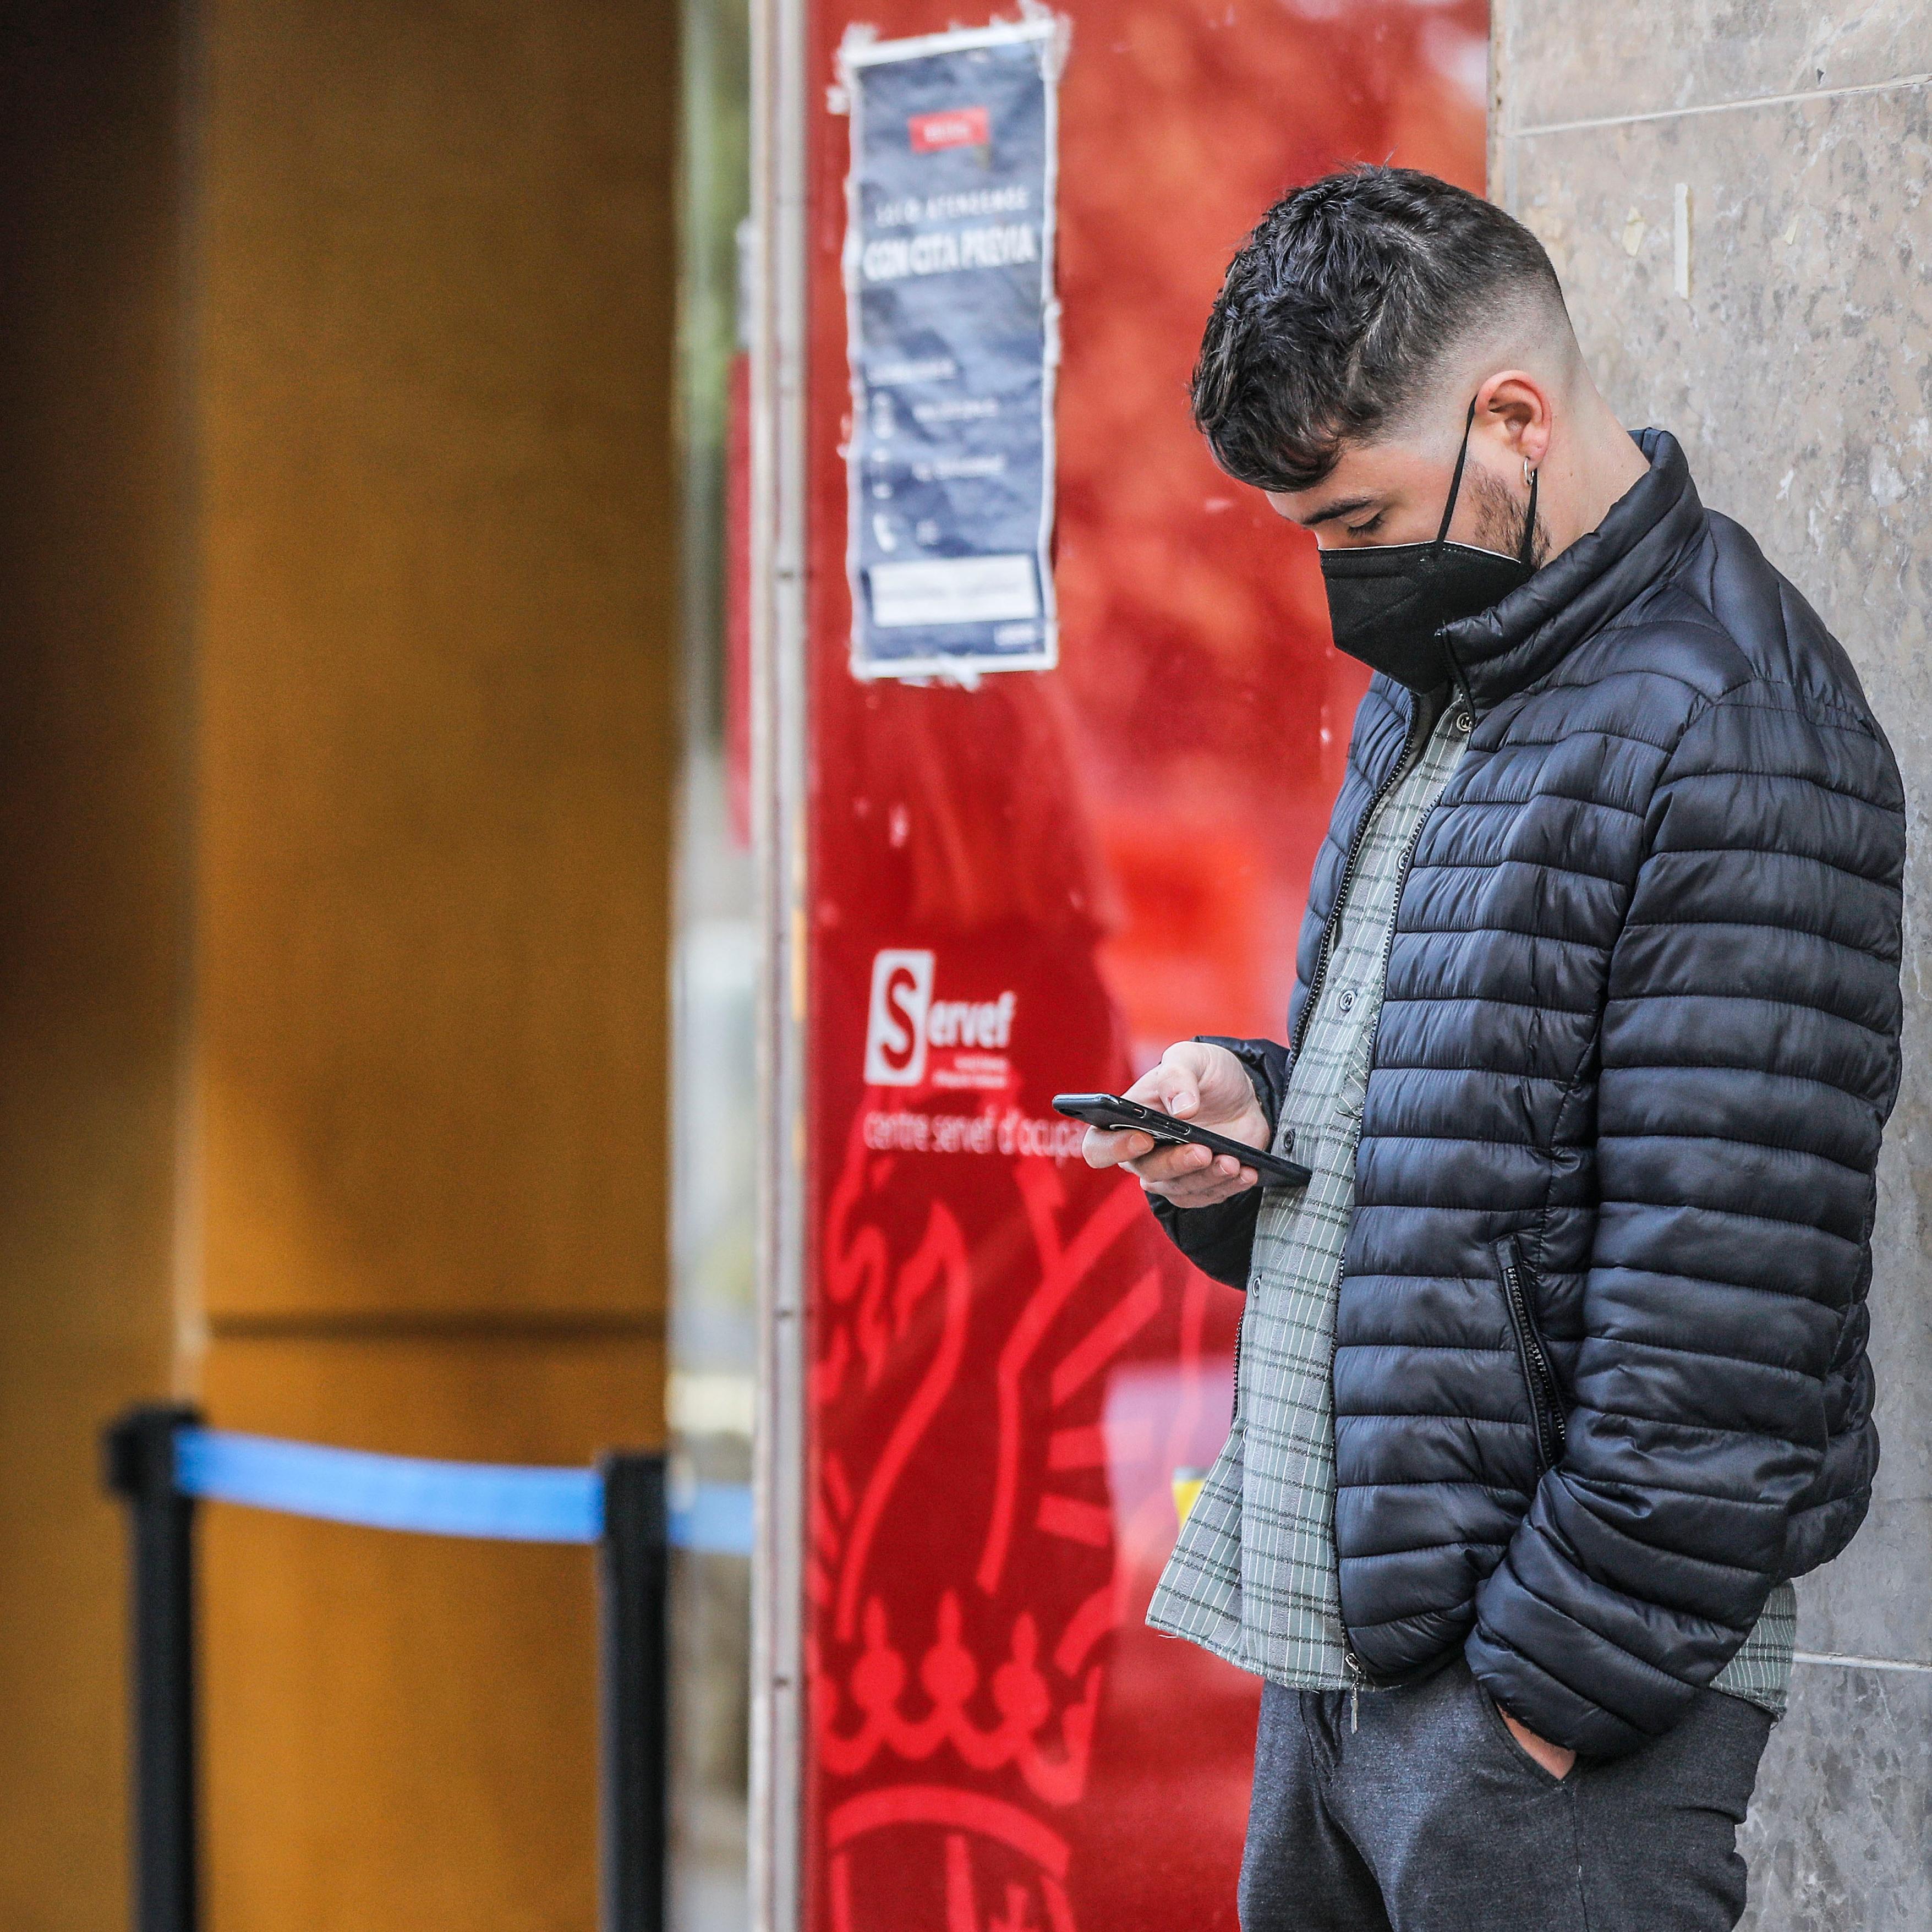 Un joven mira su teléfono móvil mientras espera para entrar en una oficina del SEPE (antiguo INEM), en Valencia, Comunidad Valenciana (España), a 12 de febrero de 2021. El número de parados registrados en las oficinas de empleo en la Comunitat Valenciana subió en 10.094 personas en enero, lo que supone un 2,3% más que en diciembre de 2020, más que el repunte medio del 1,9%. Además, hubo 81.233 parados menos en la Comunitat, un 22,16% más en relación con enero de 2020. 12 FEBRERO 2021;CITA PREVIA;VALENCIA;PARO;EMPLEO;DESEMPLEO;INEM Rober Solsona / Europa Press 12/02/2021